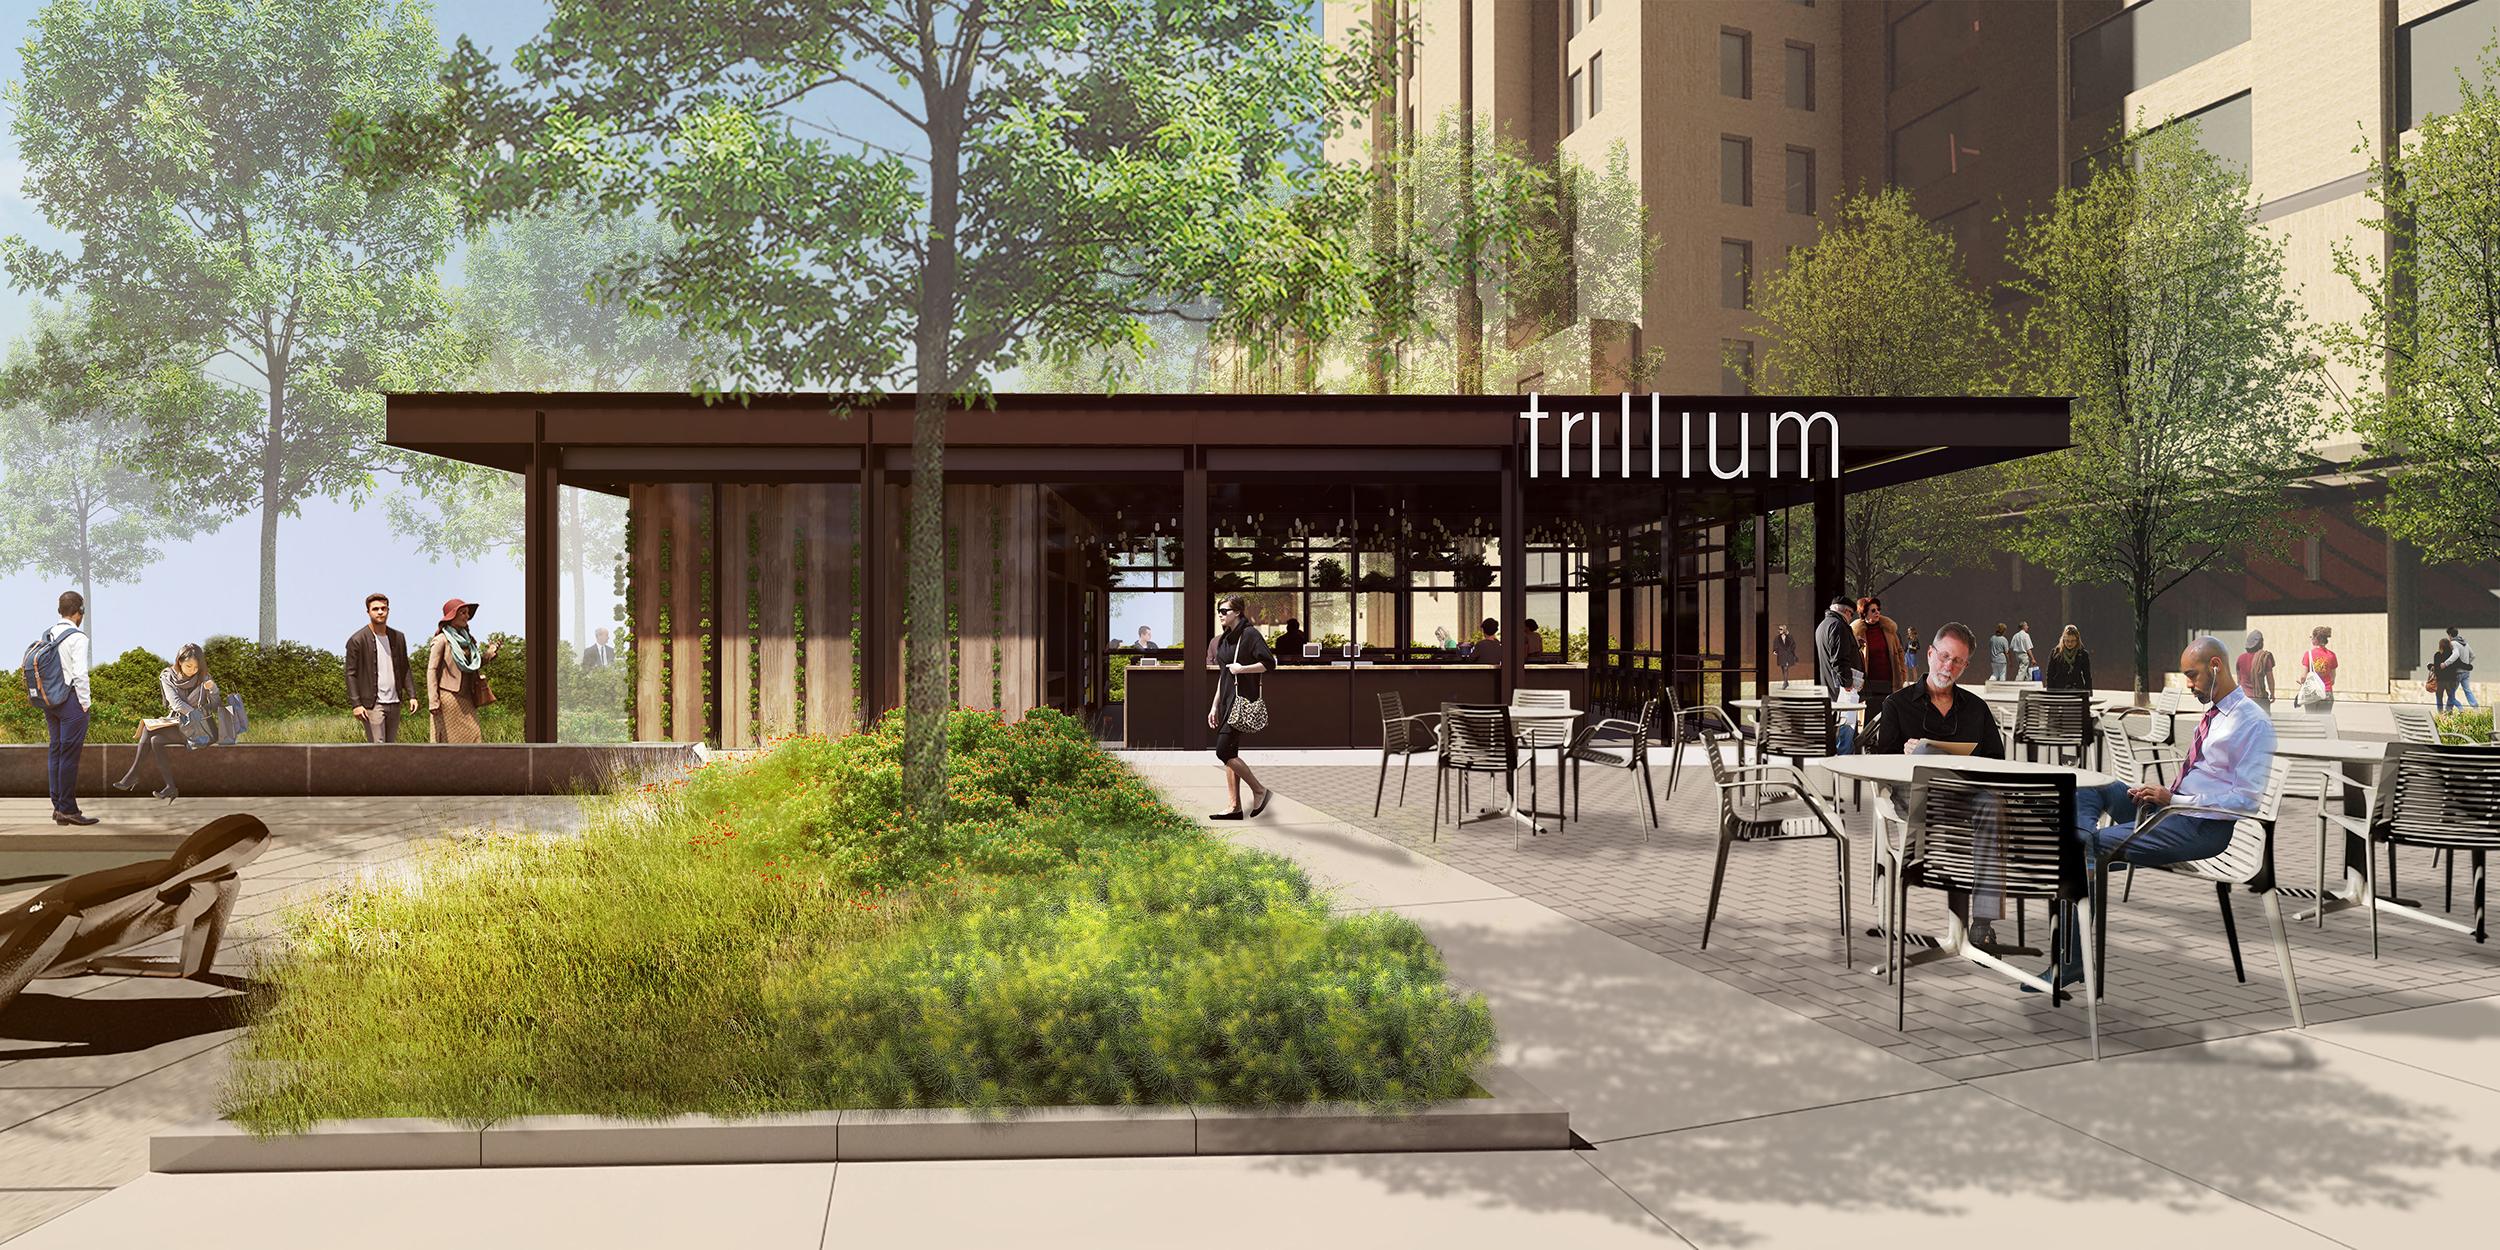 Trillium exterior.jpg